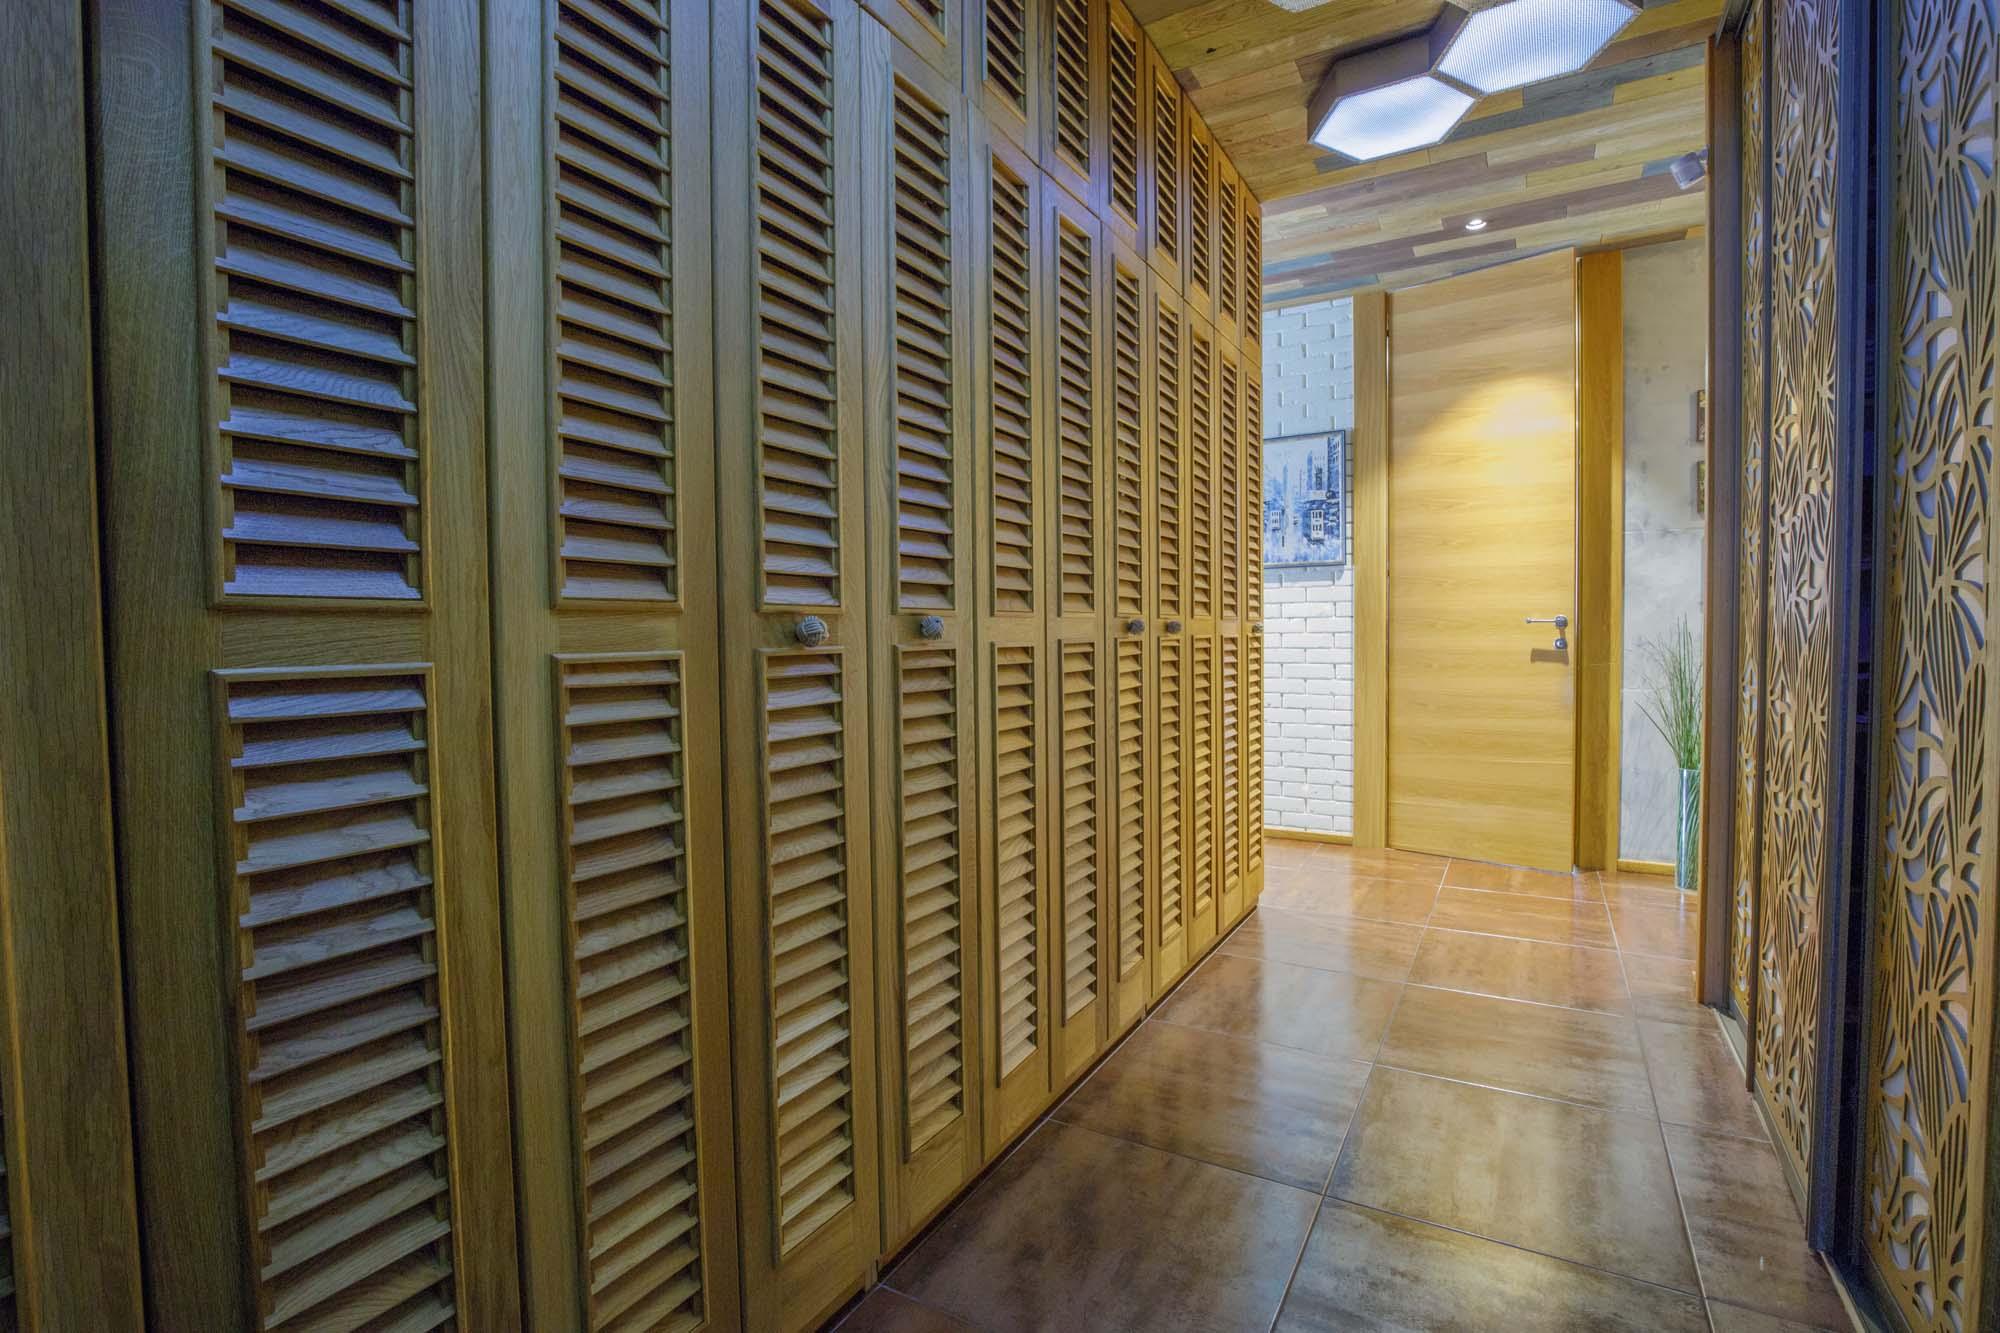 Продам - Элитная квартира на Нагорной.Площадь: 227 метров квадратных, 142 полезная, 85 терраса, две спальные, зал, кухня, два санузла. -Нагорная - цена: 65000000